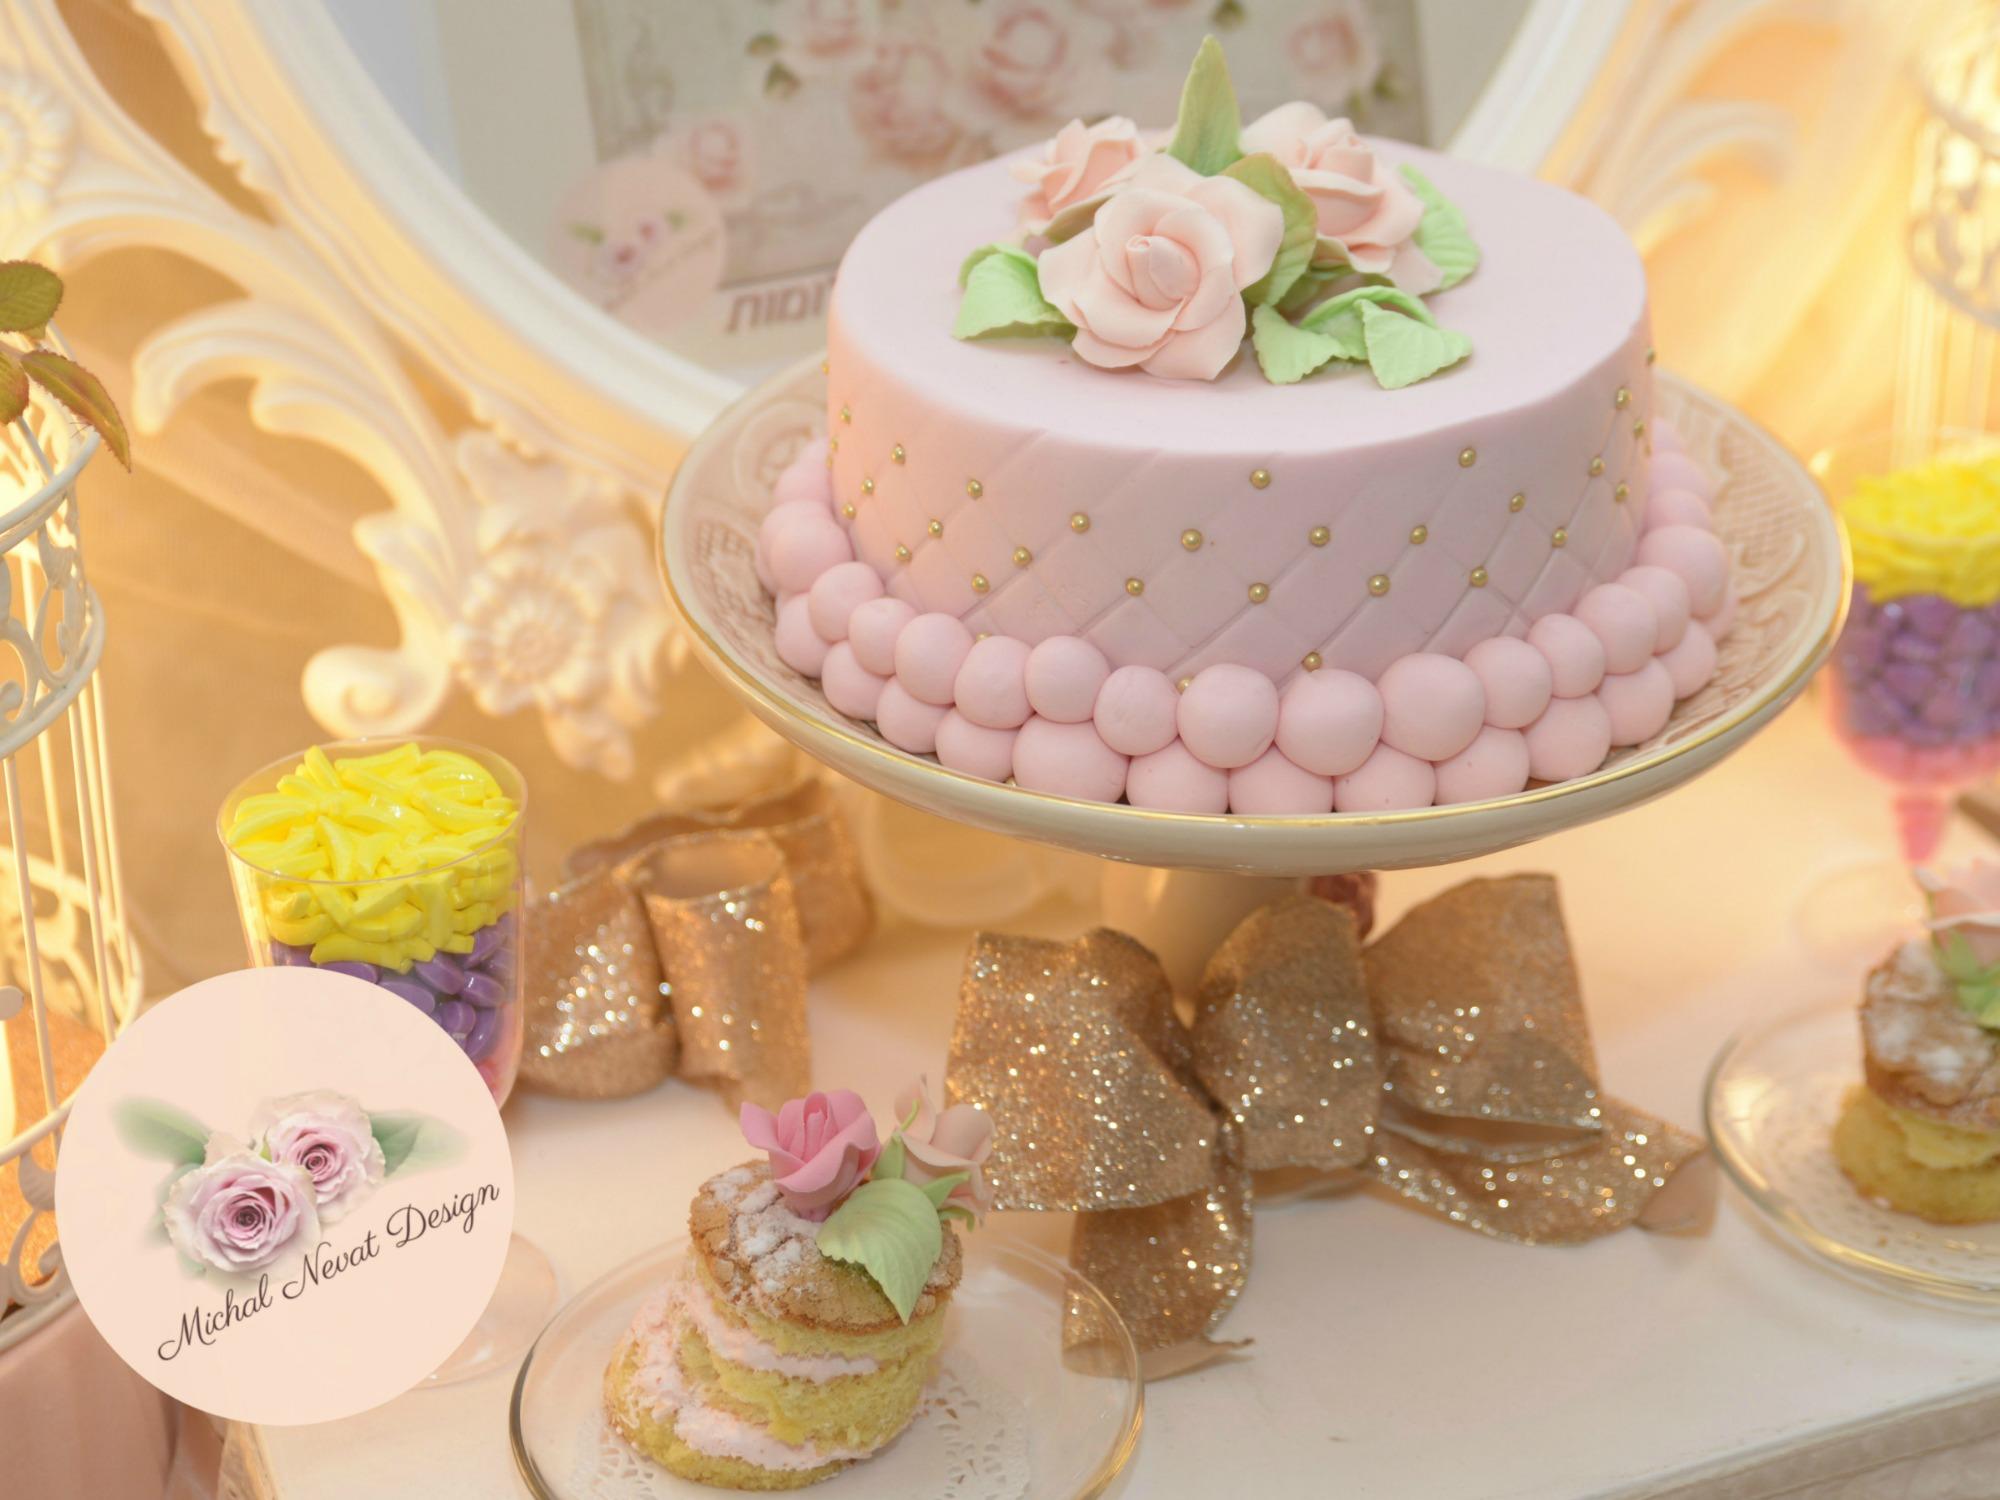 הפעלת יום הולדת נסיכות - שולחנות בר מתוק